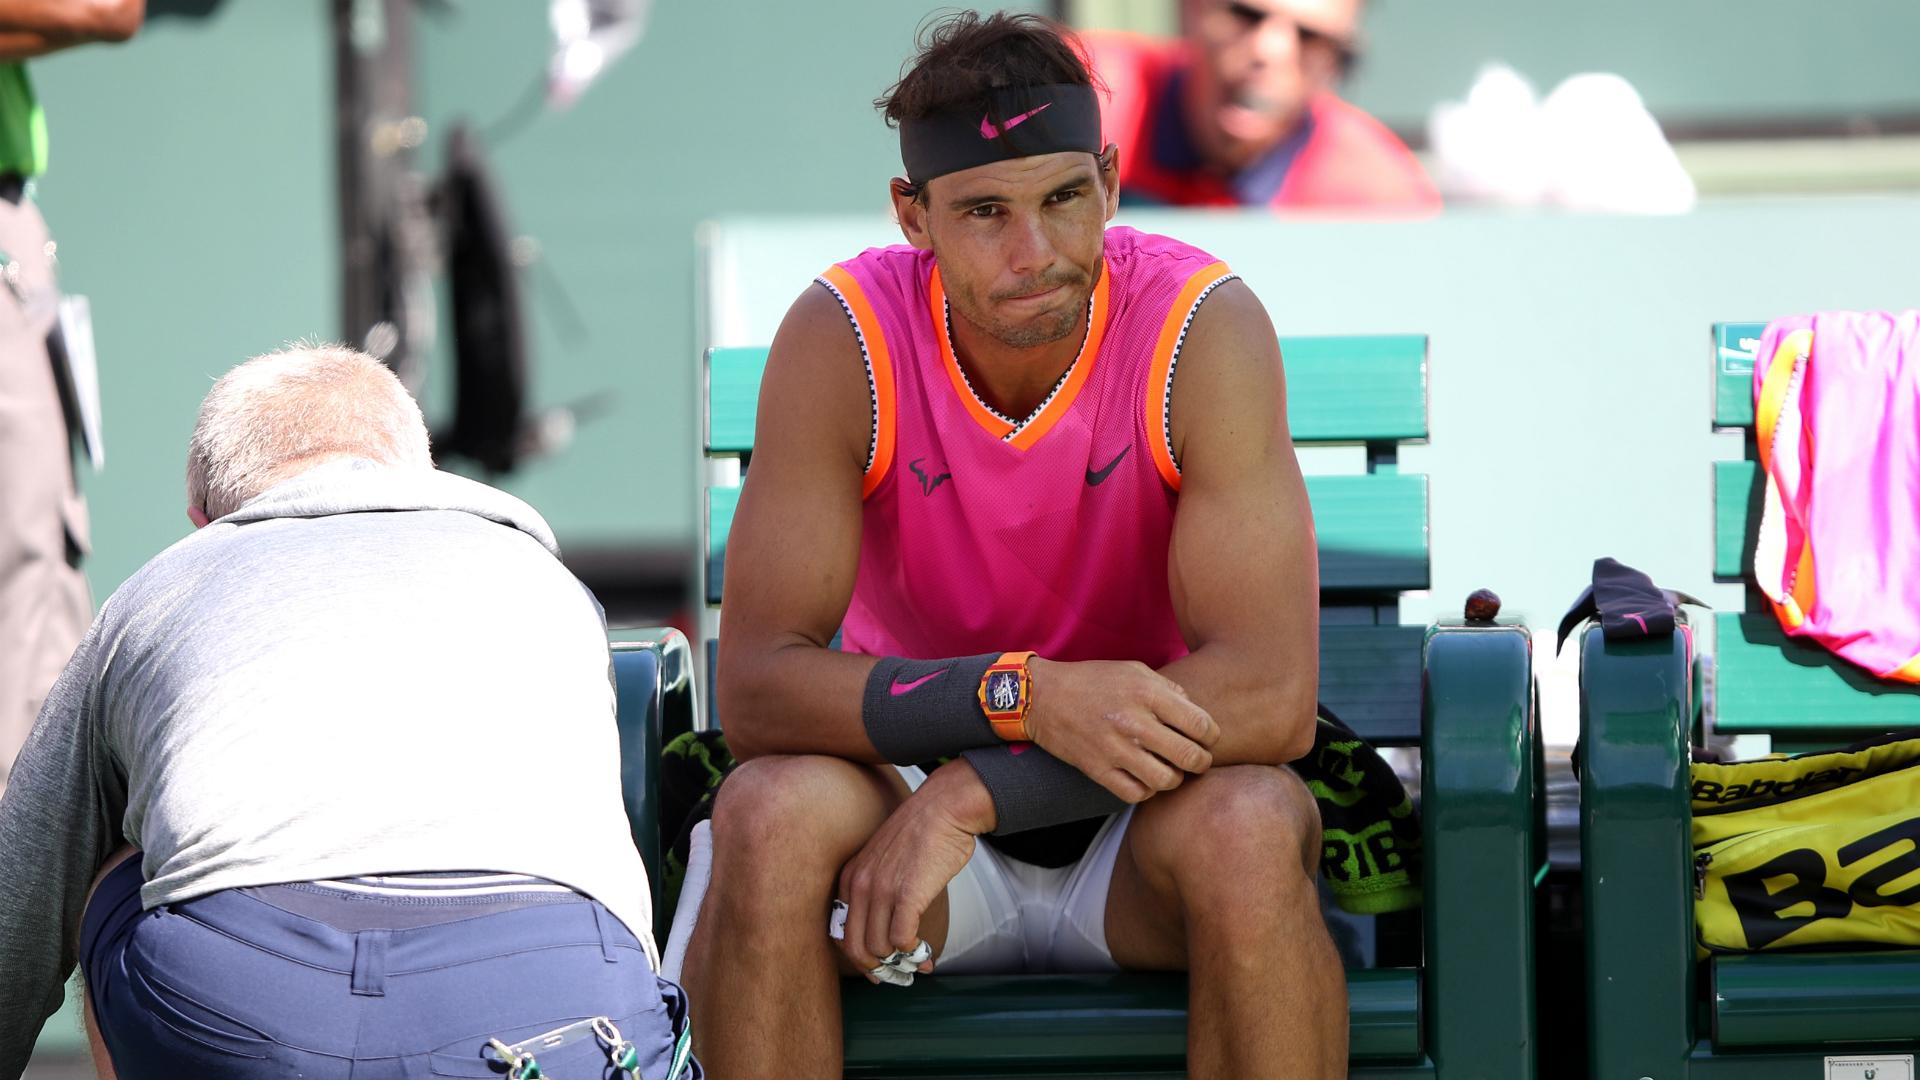 Nadal worried about knee ahead of Federer showdown